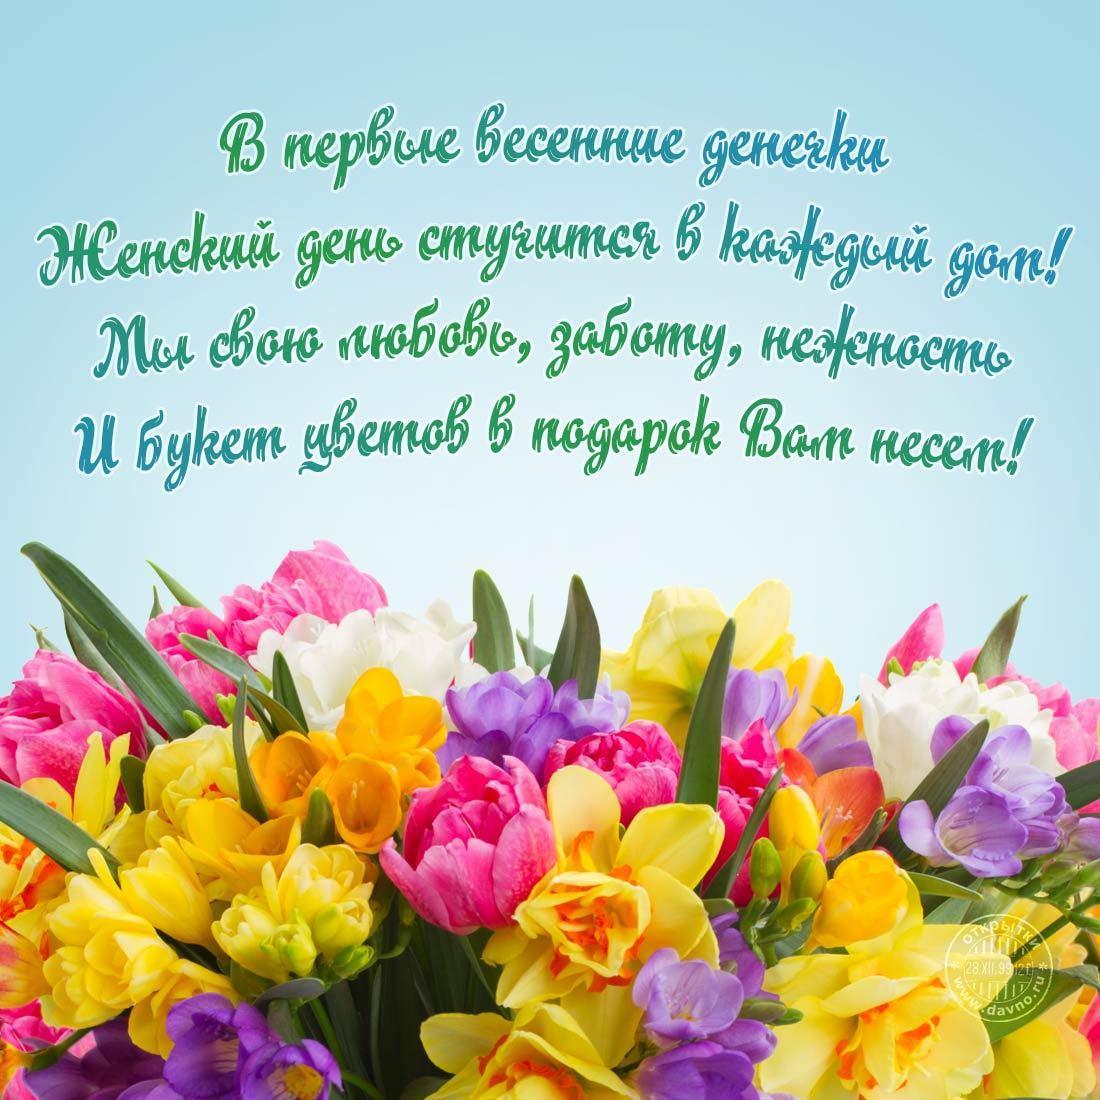 фото Поздравления с 8 Марта: прикольные открытки, стихи и поздравления 14